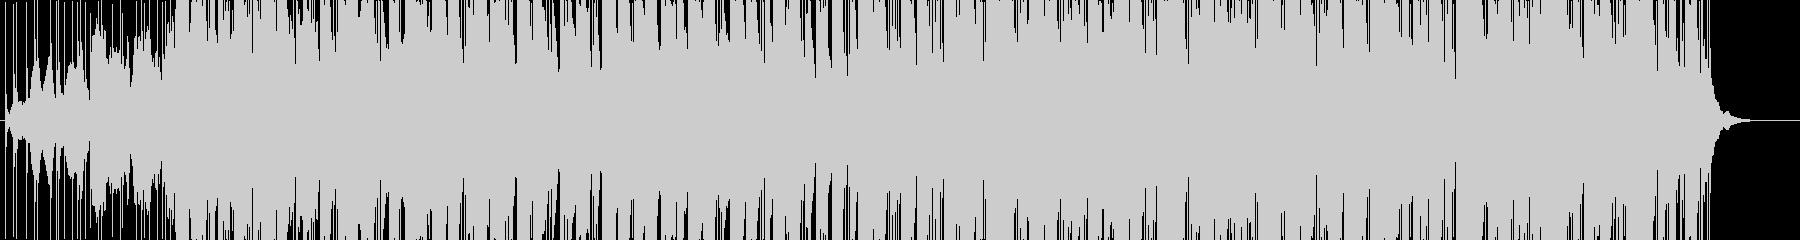 インド風楽曲の未再生の波形